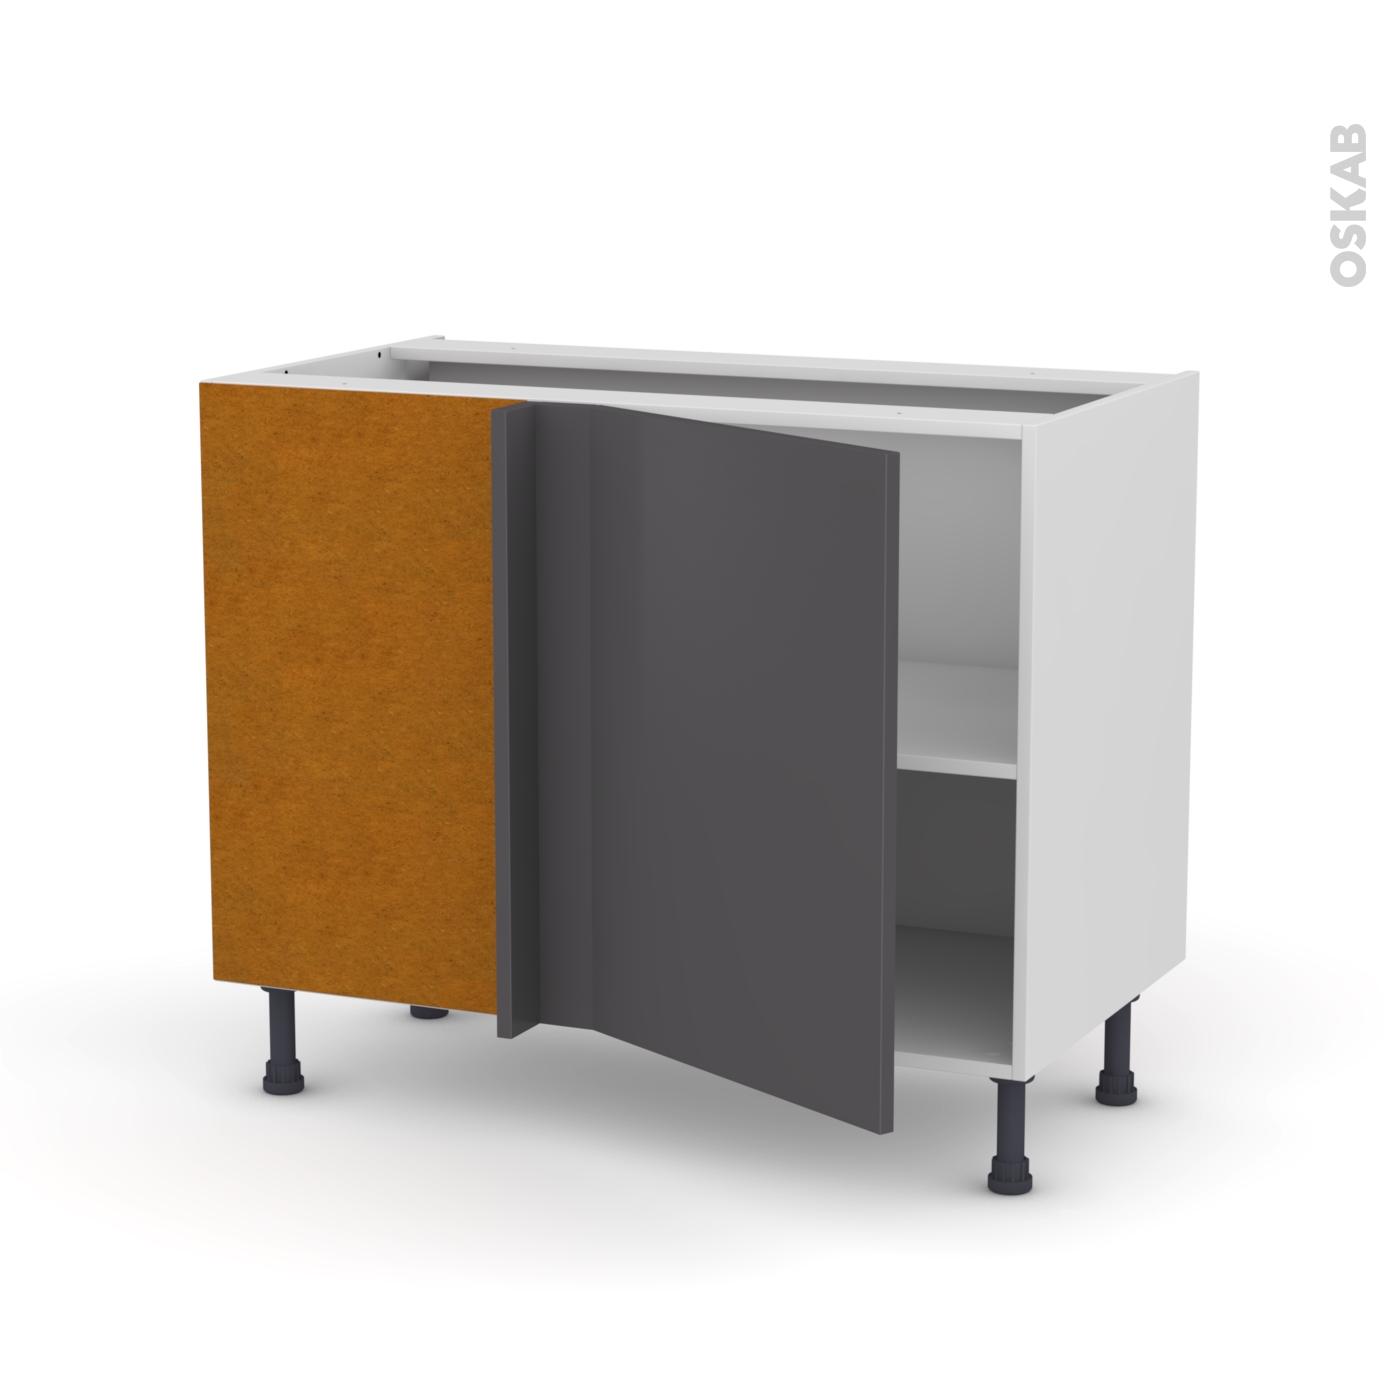 Meuble de cuisine Angle bas réversible GINKO Gris, 10 porte N°10 L10 cm,  L100 x H10 x P10 cm